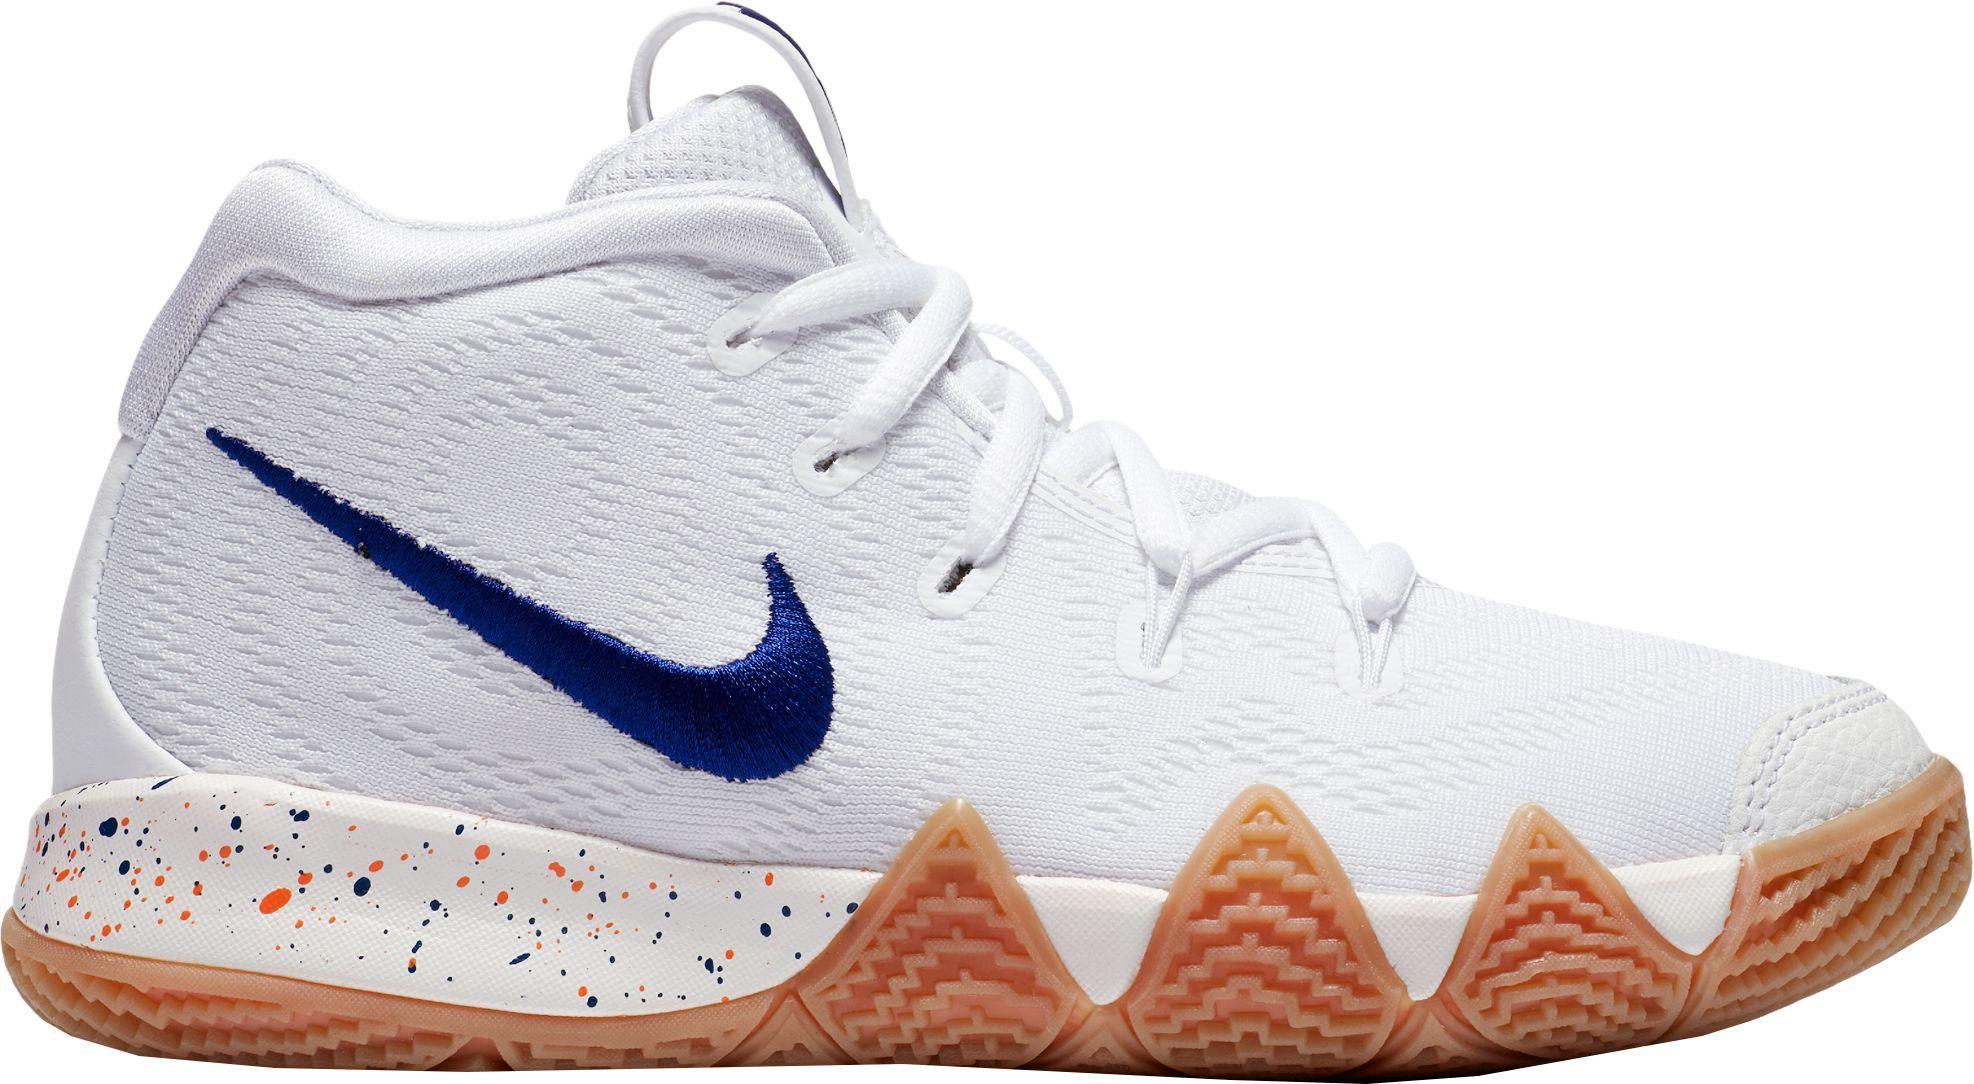 online store 47b6c ee65c Nike Kids' Preschool Kyrie 4 Basketball Shoes in 2019 ...